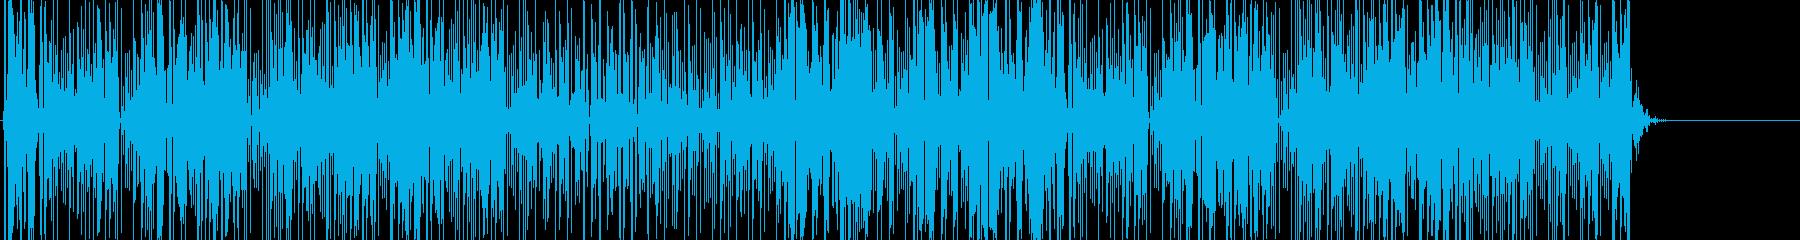 風変わりなテクノエレクトロニカトラ...の再生済みの波形